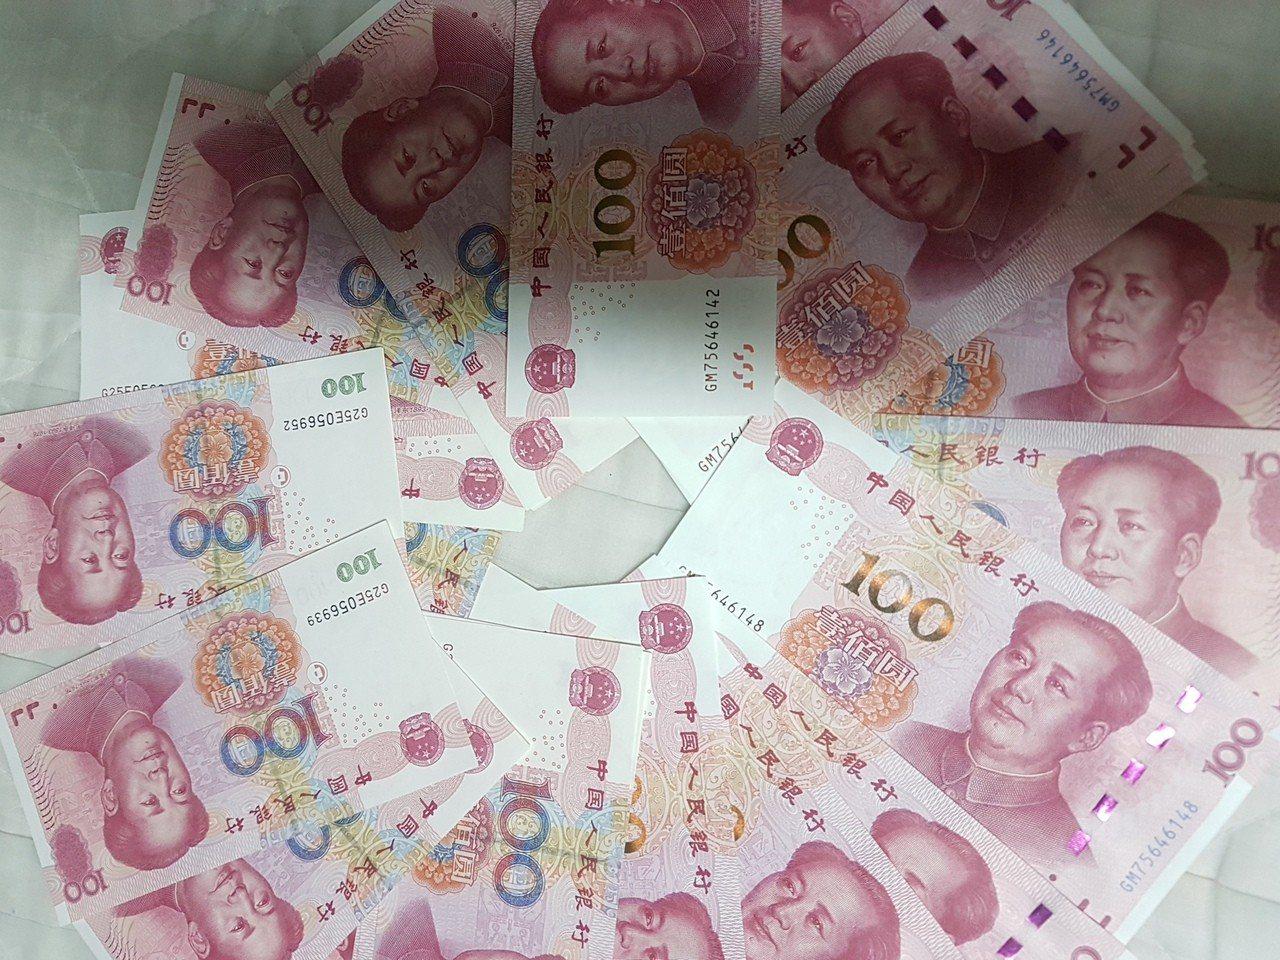 央行公布11月全體國銀人民幣存款餘額3017.92億元人民幣,月減66.88億元...